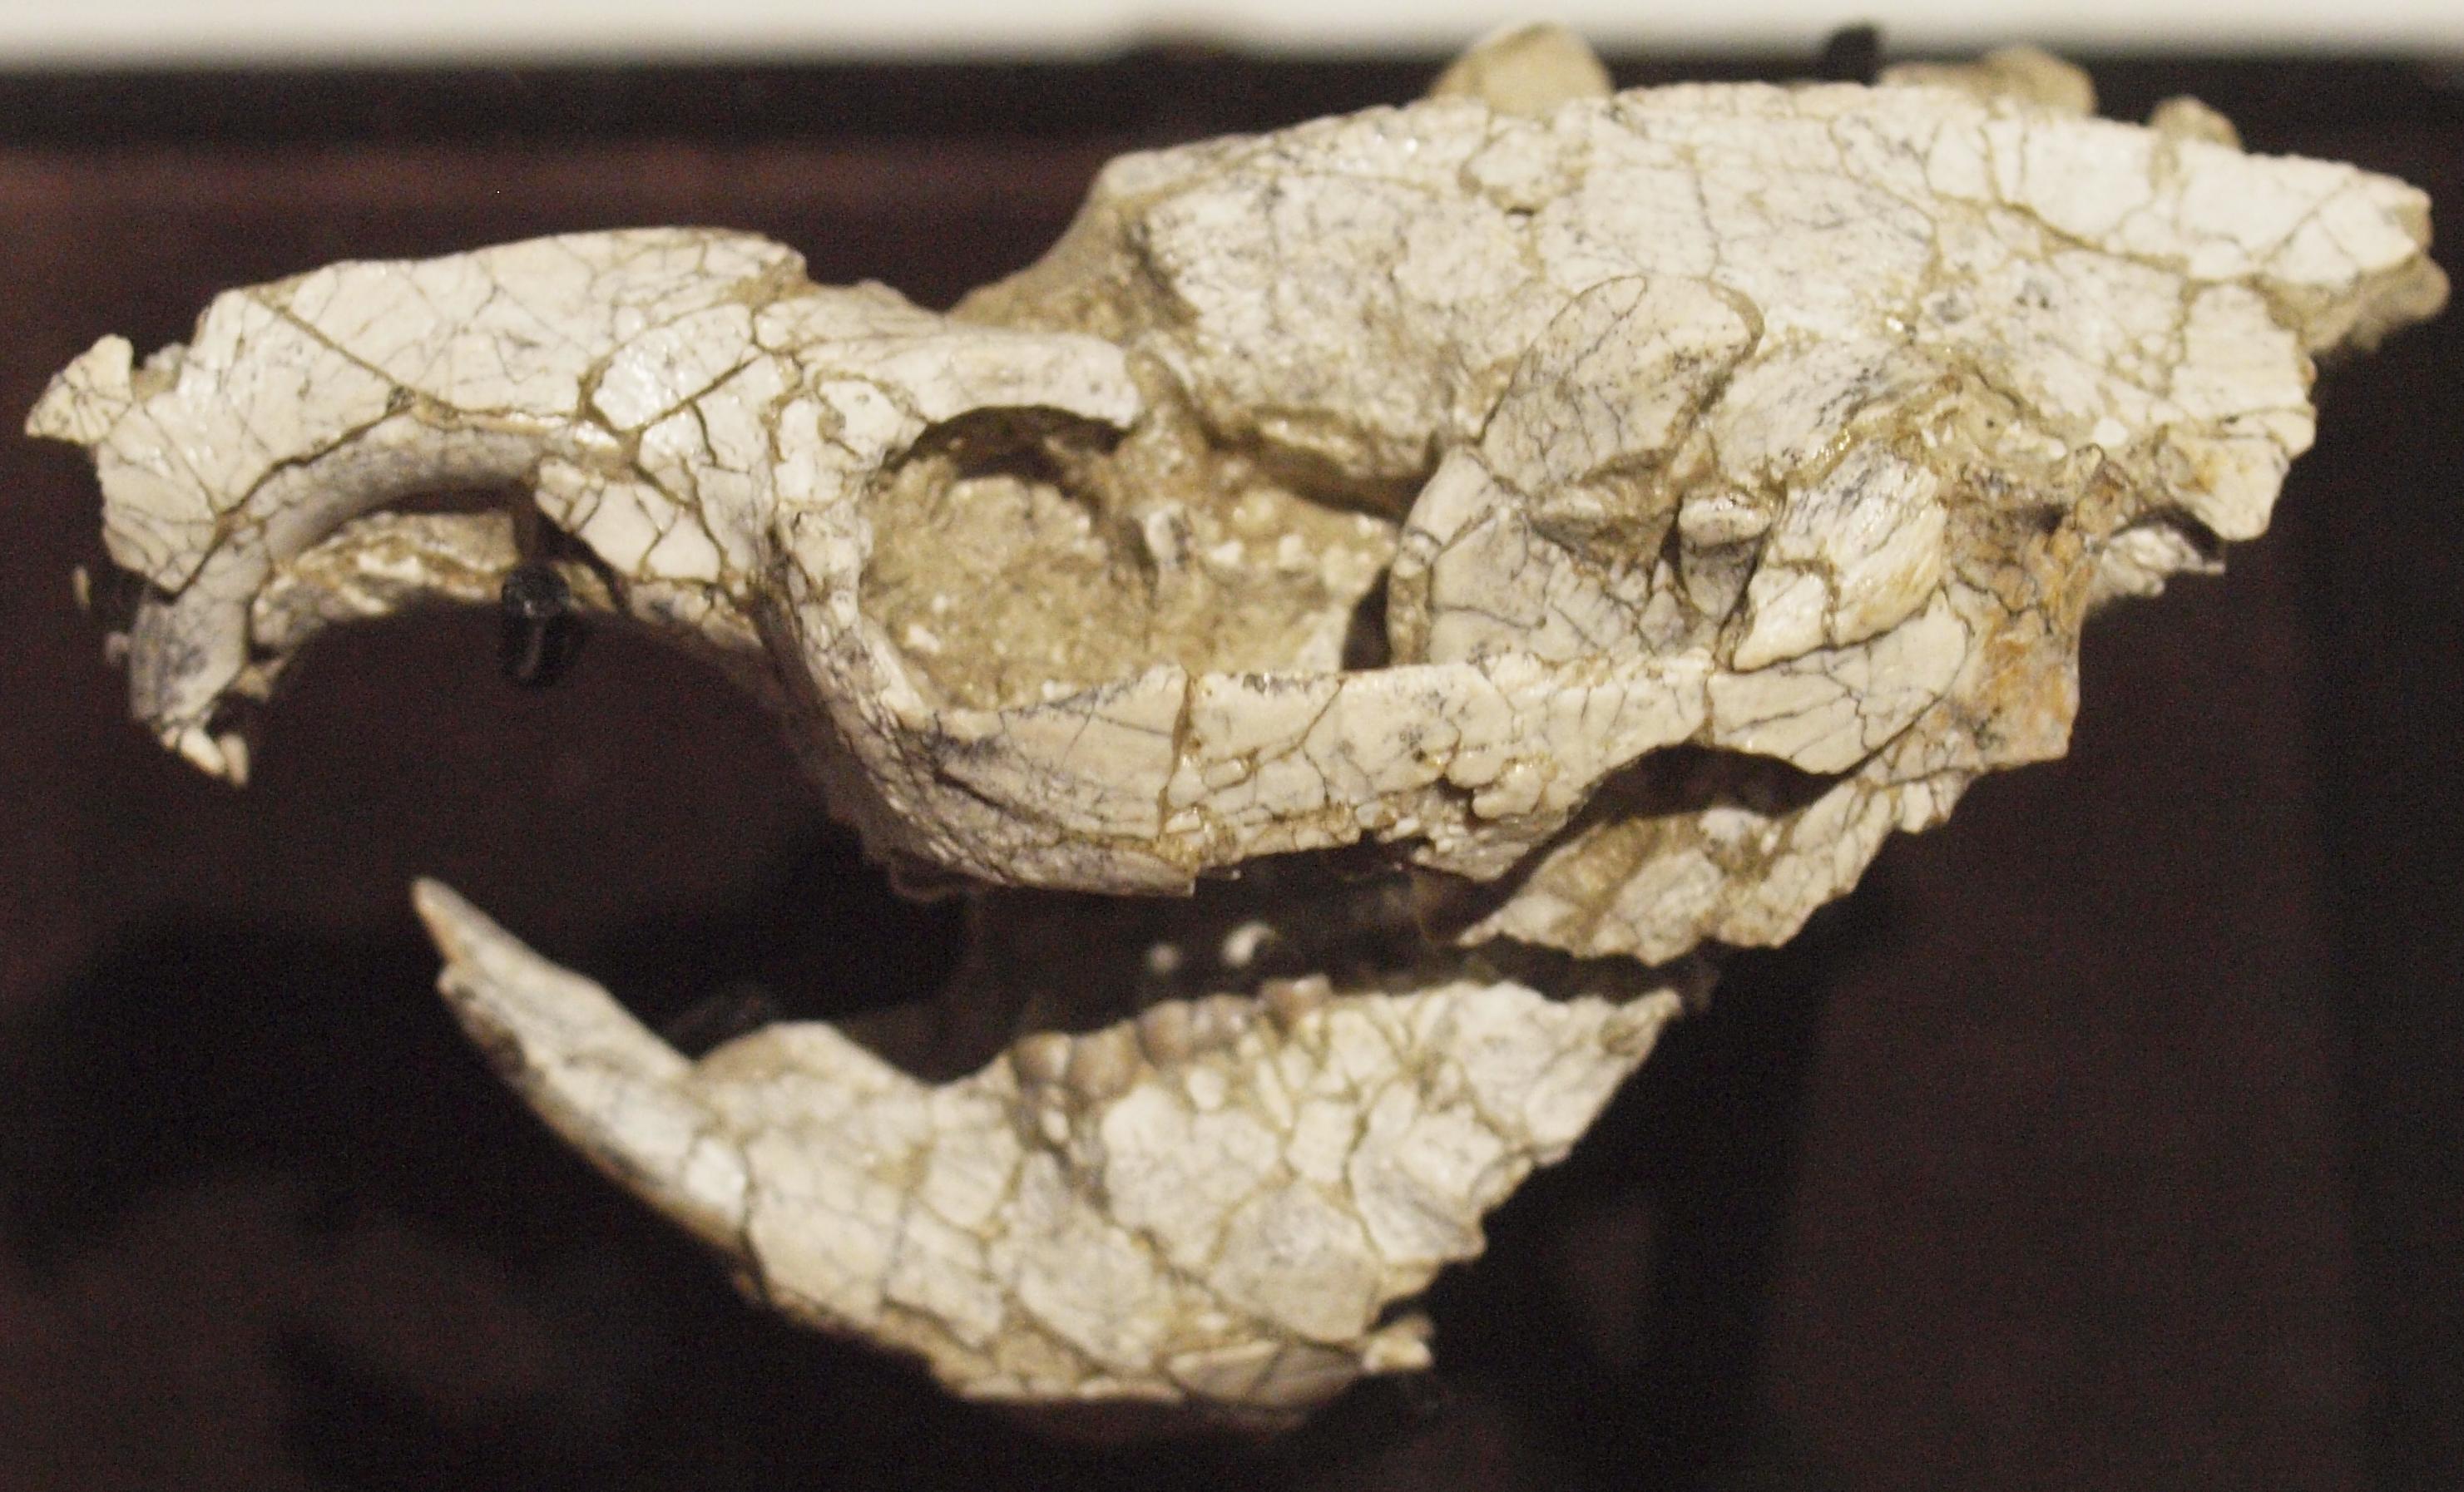 Skamenelina lebky veverice žijúcej pred 45 miliónmi rokov